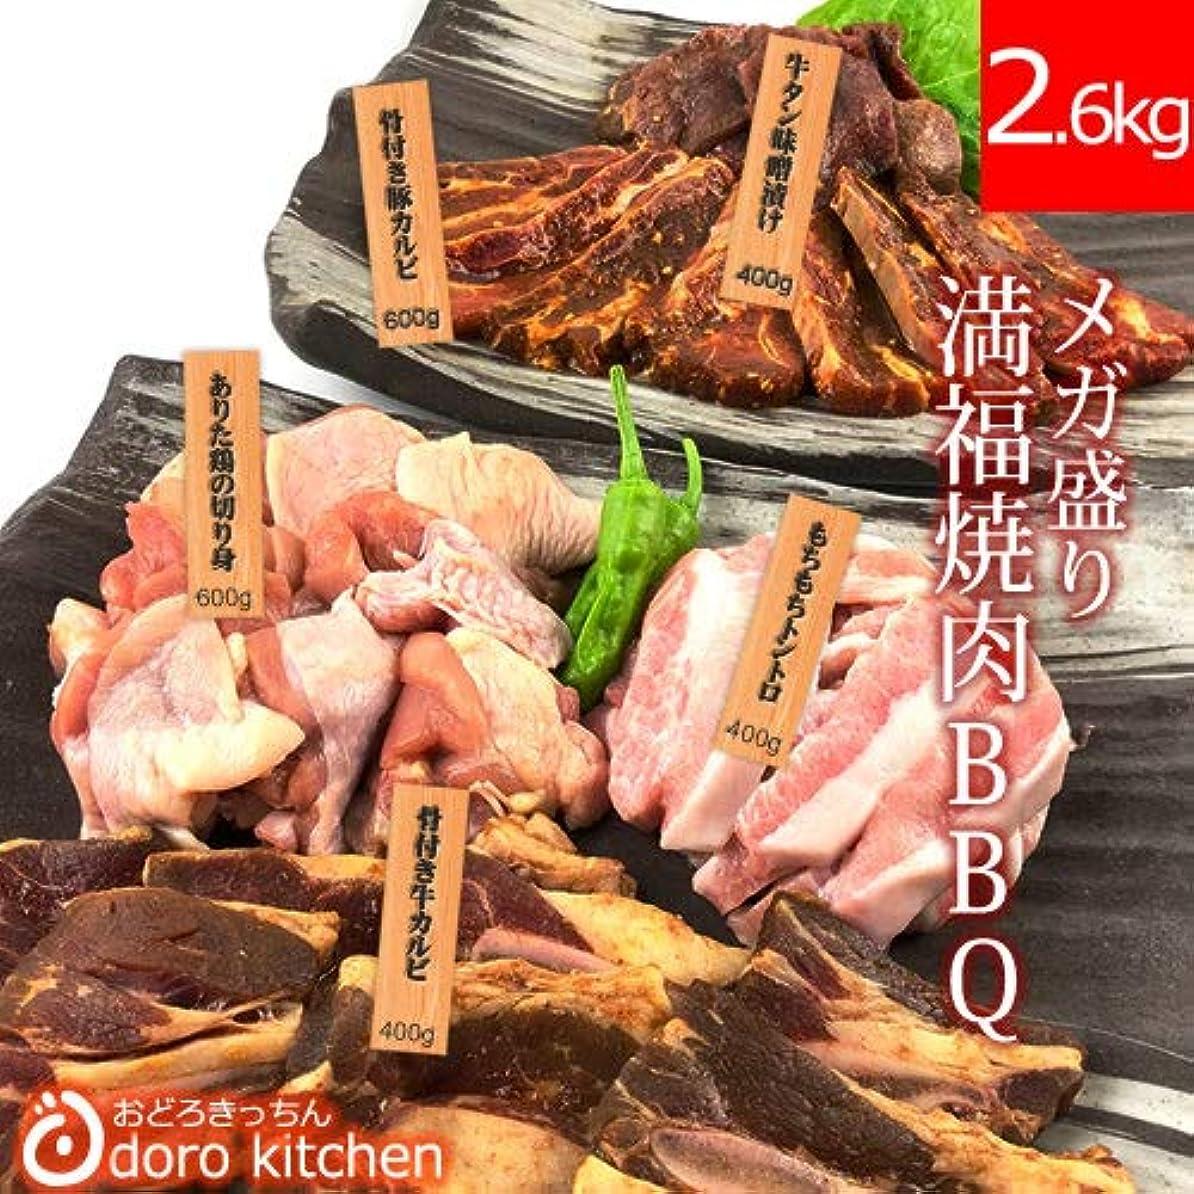 引き渡す南東想定するメガ盛り 焼肉BBQセット2.6Kg (10~12人向け) 大盛り 焼肉 バーベキューセット キャンプ アウトドア 景品 業務用 大容量(ギフト 贈り物にも)